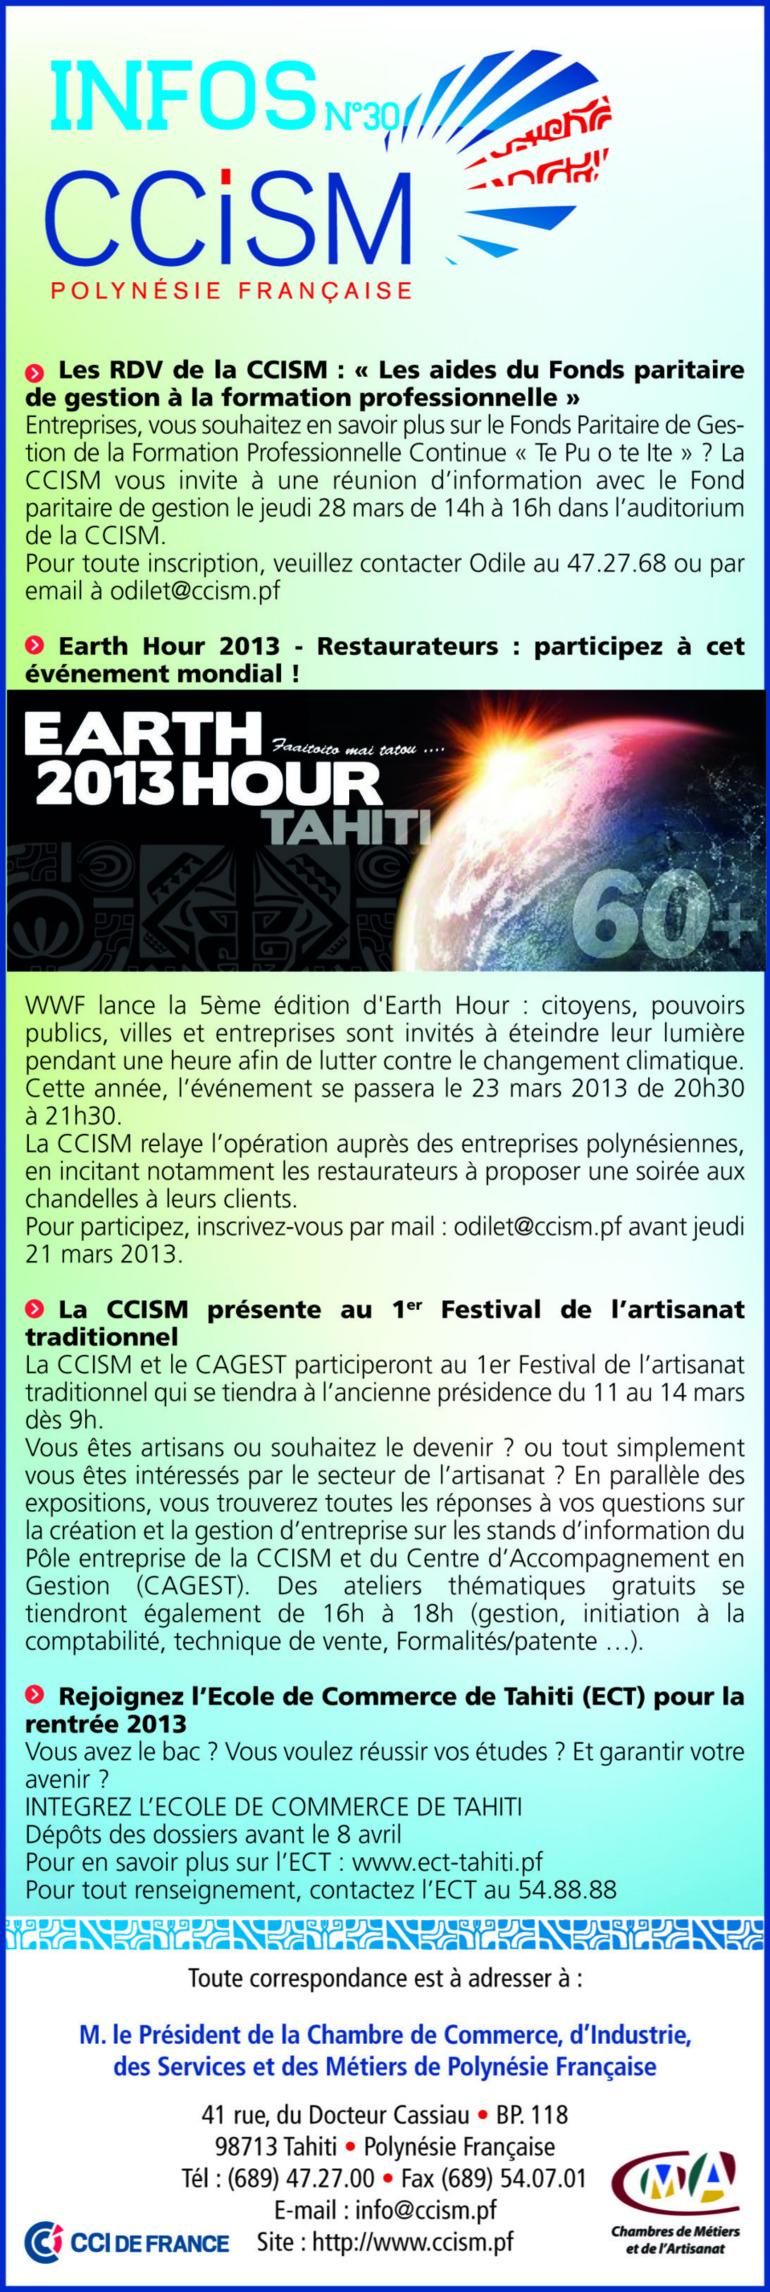 Infos CCISM N°30